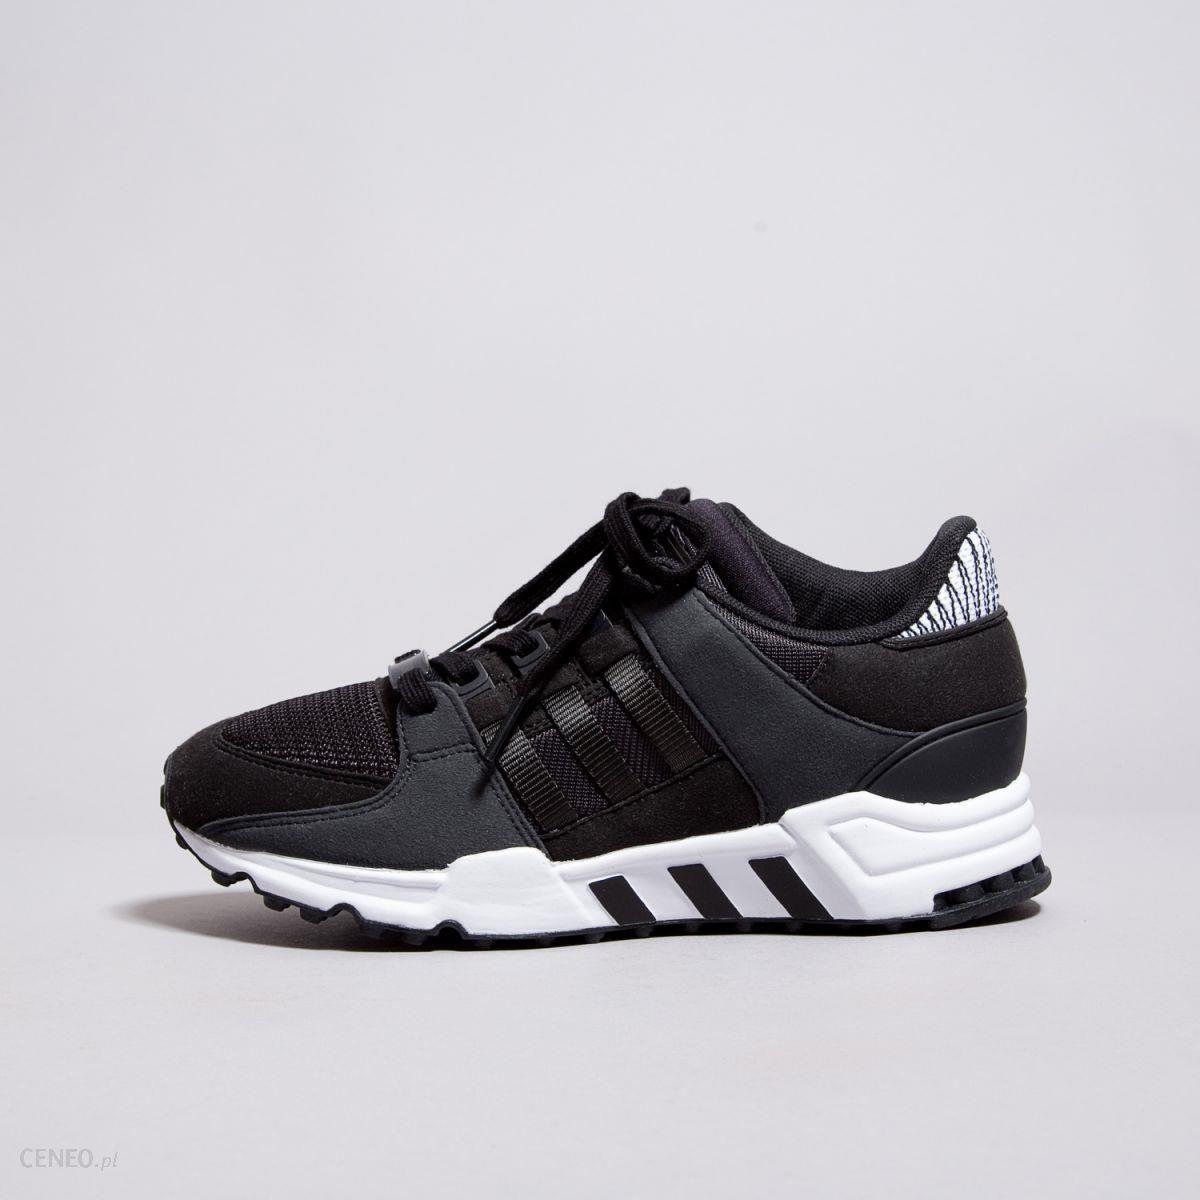 Młodzieżowe buty adidas Eqt Support J (BZ0259)